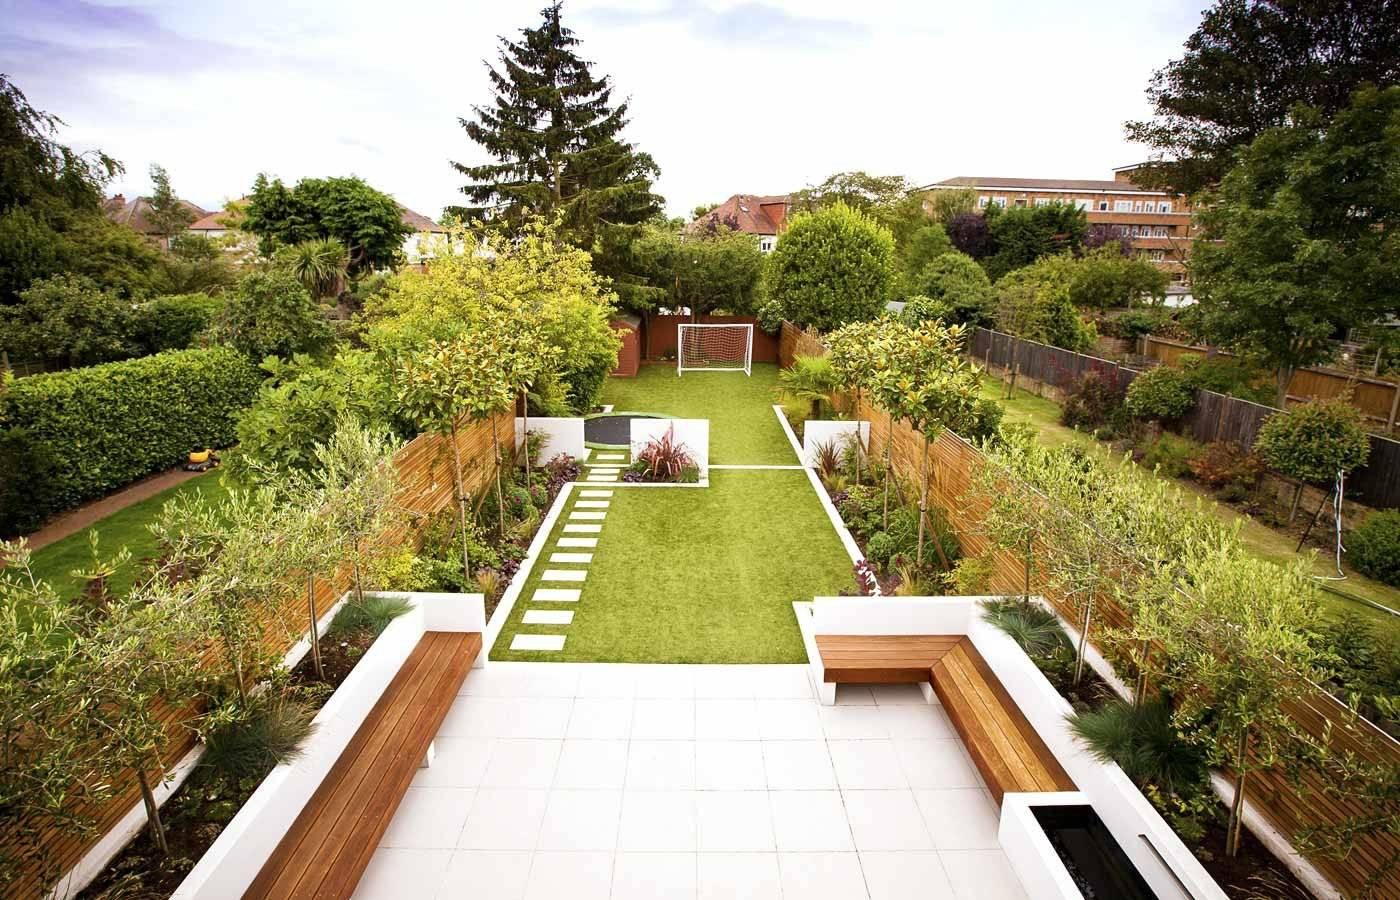 Дизайн узкого участка, зонирование и декорирование - фото примеров